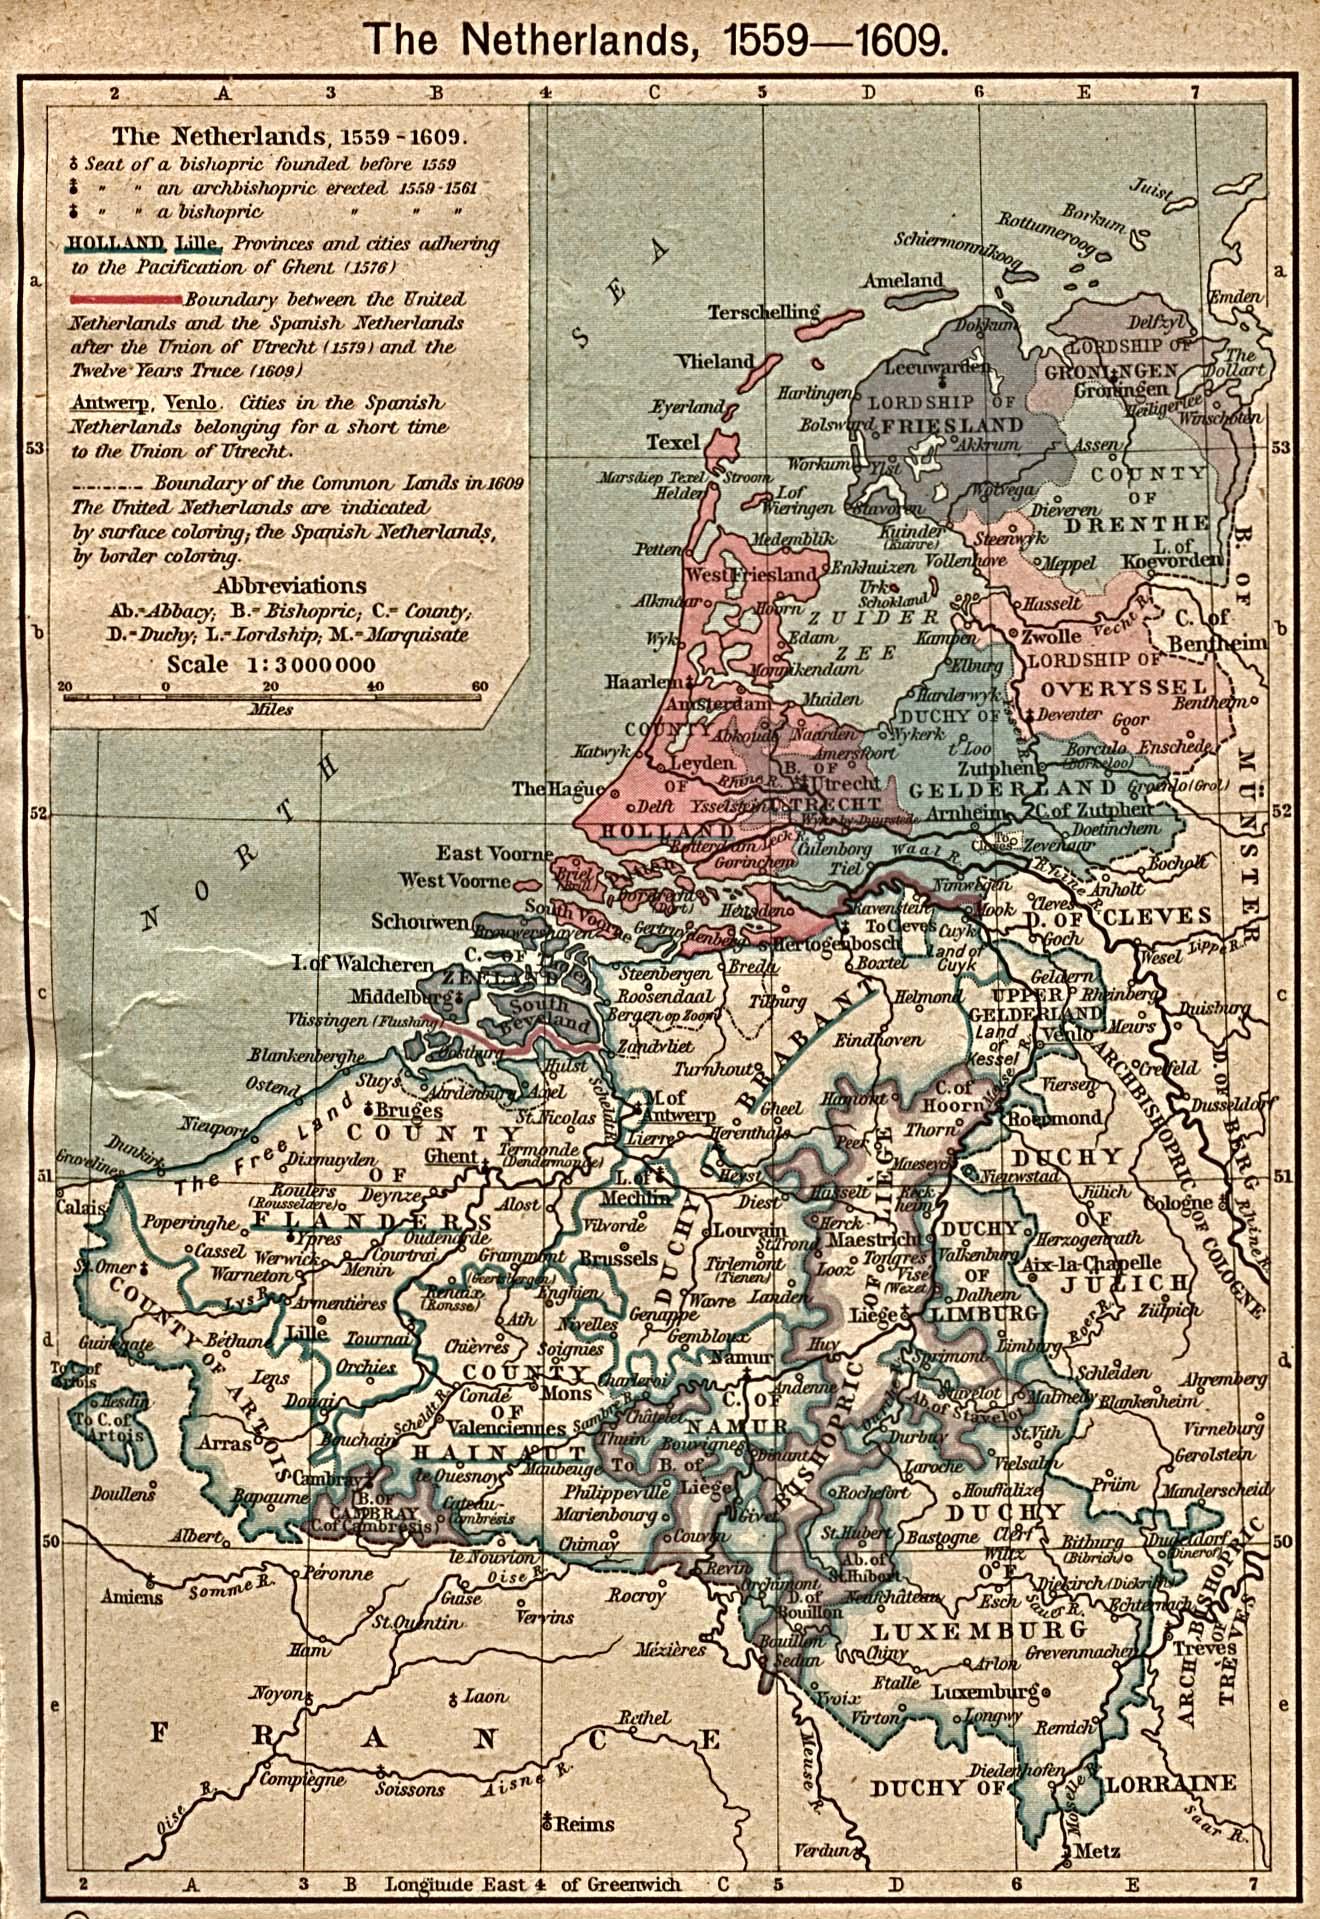 Mapa de los Países Bajos 1559 - 1609